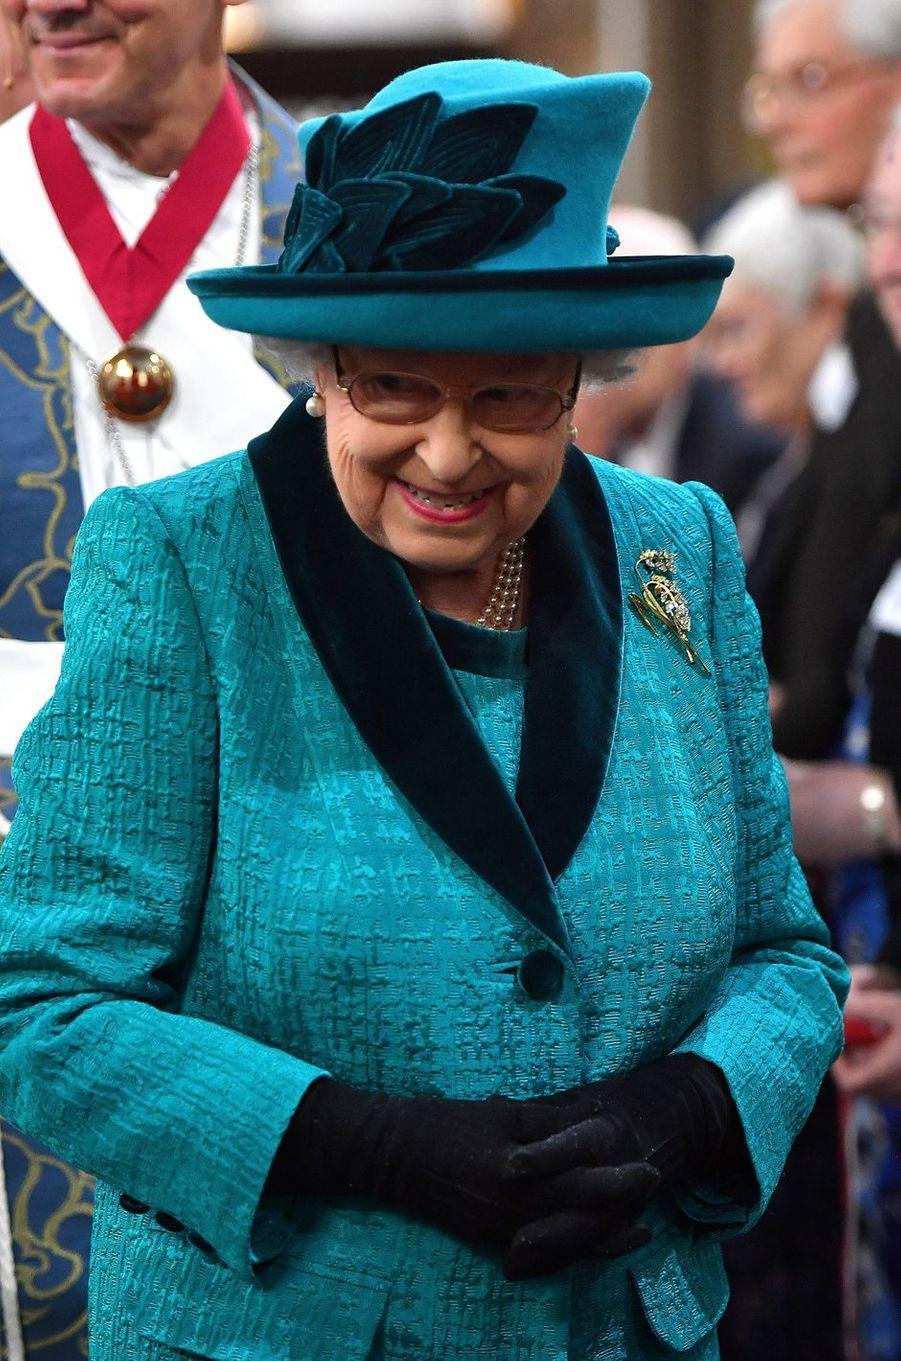 La reine Elizabeth II en turquoise à Leicester, le 13 avril 2017